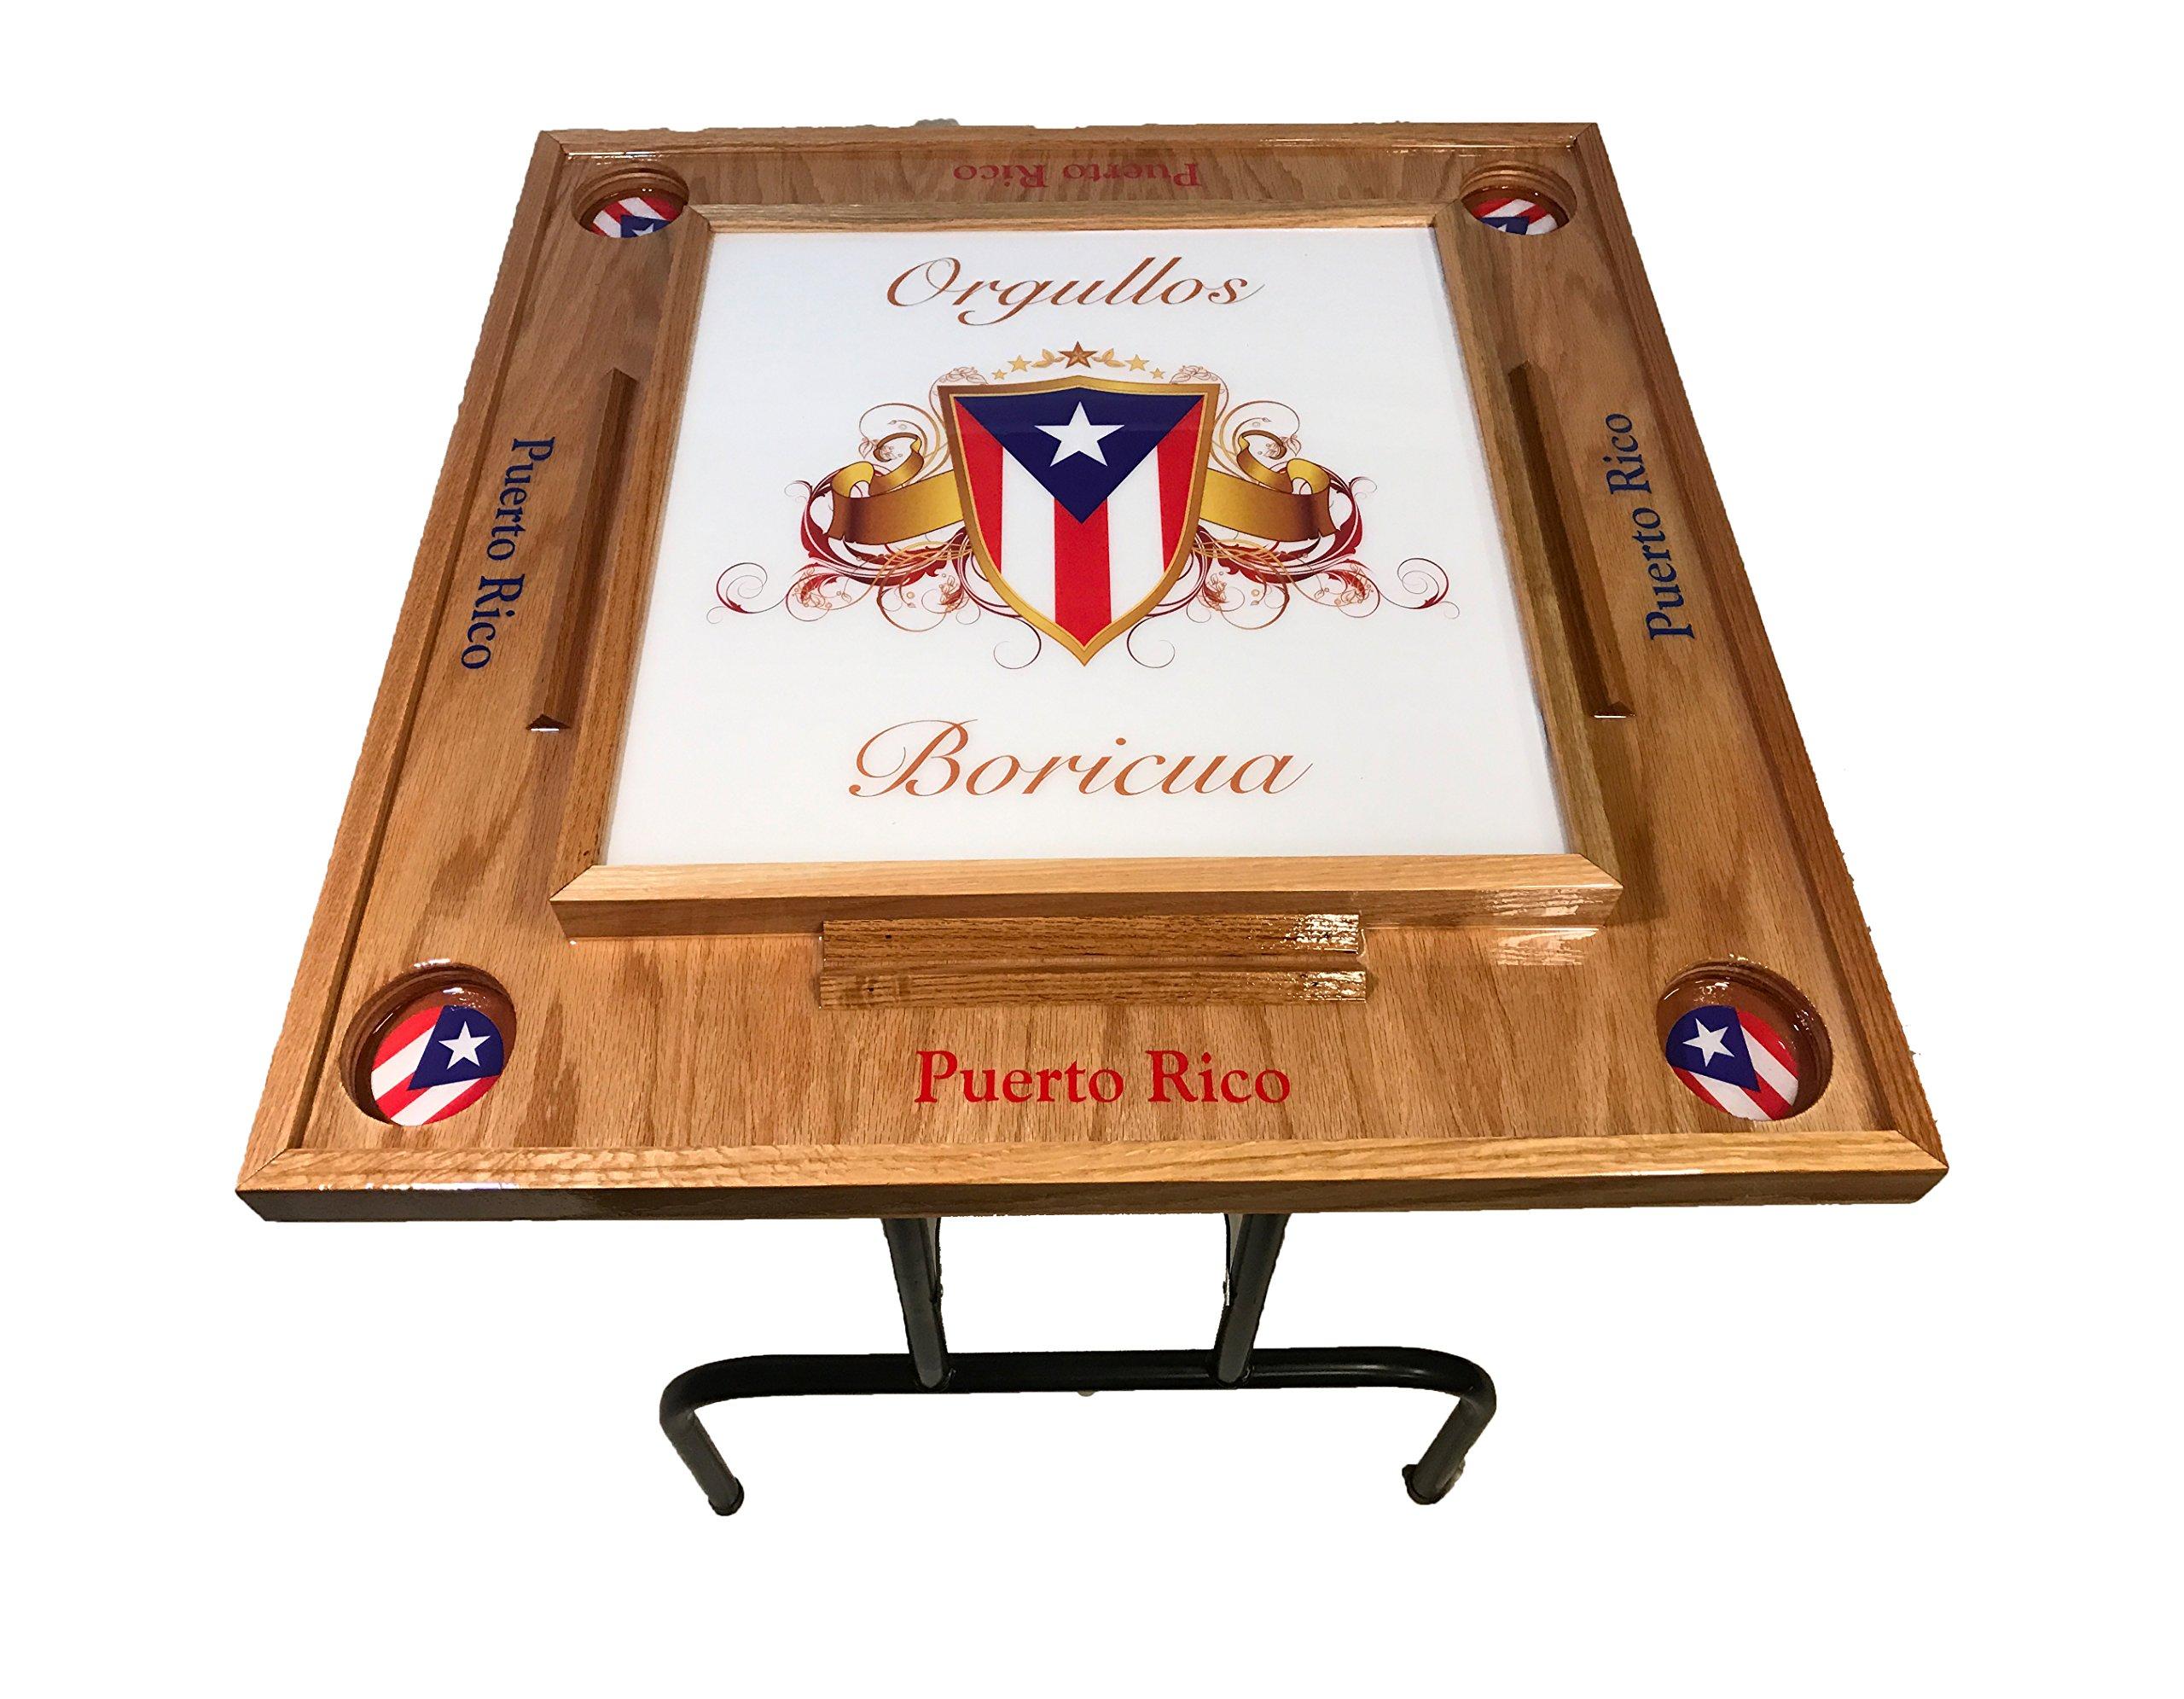 Orgullo Boricua Domino Table